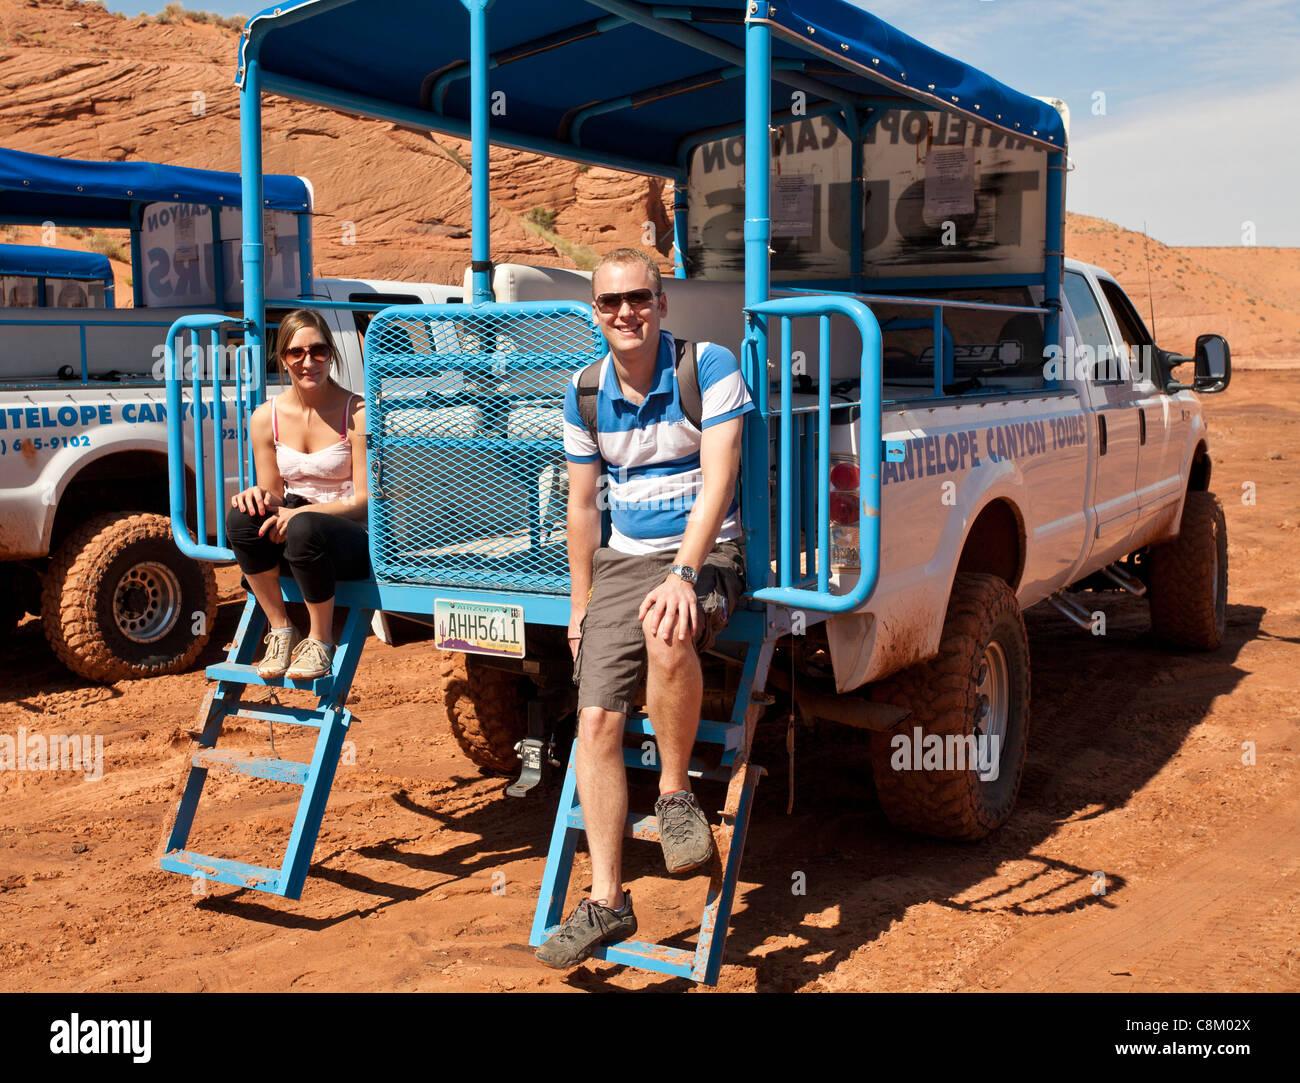 Jeune couple sur des vacances d'aventure Photo Stock